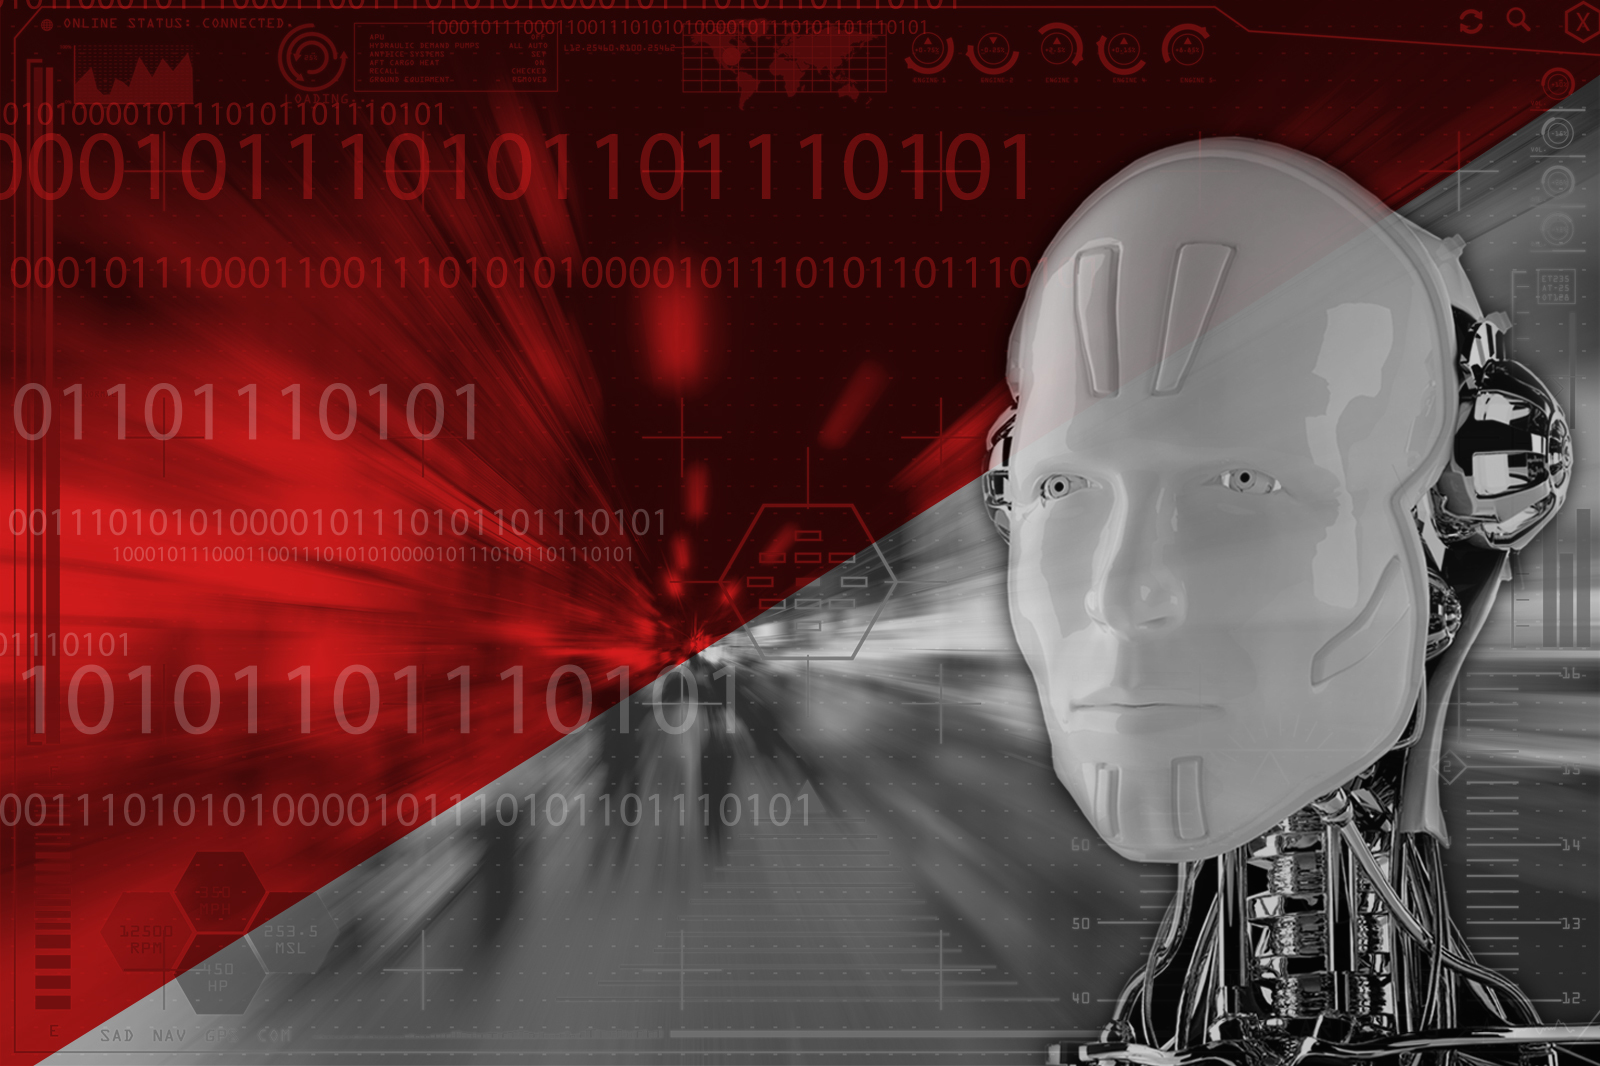 Robotic Vision 3: Making robots see